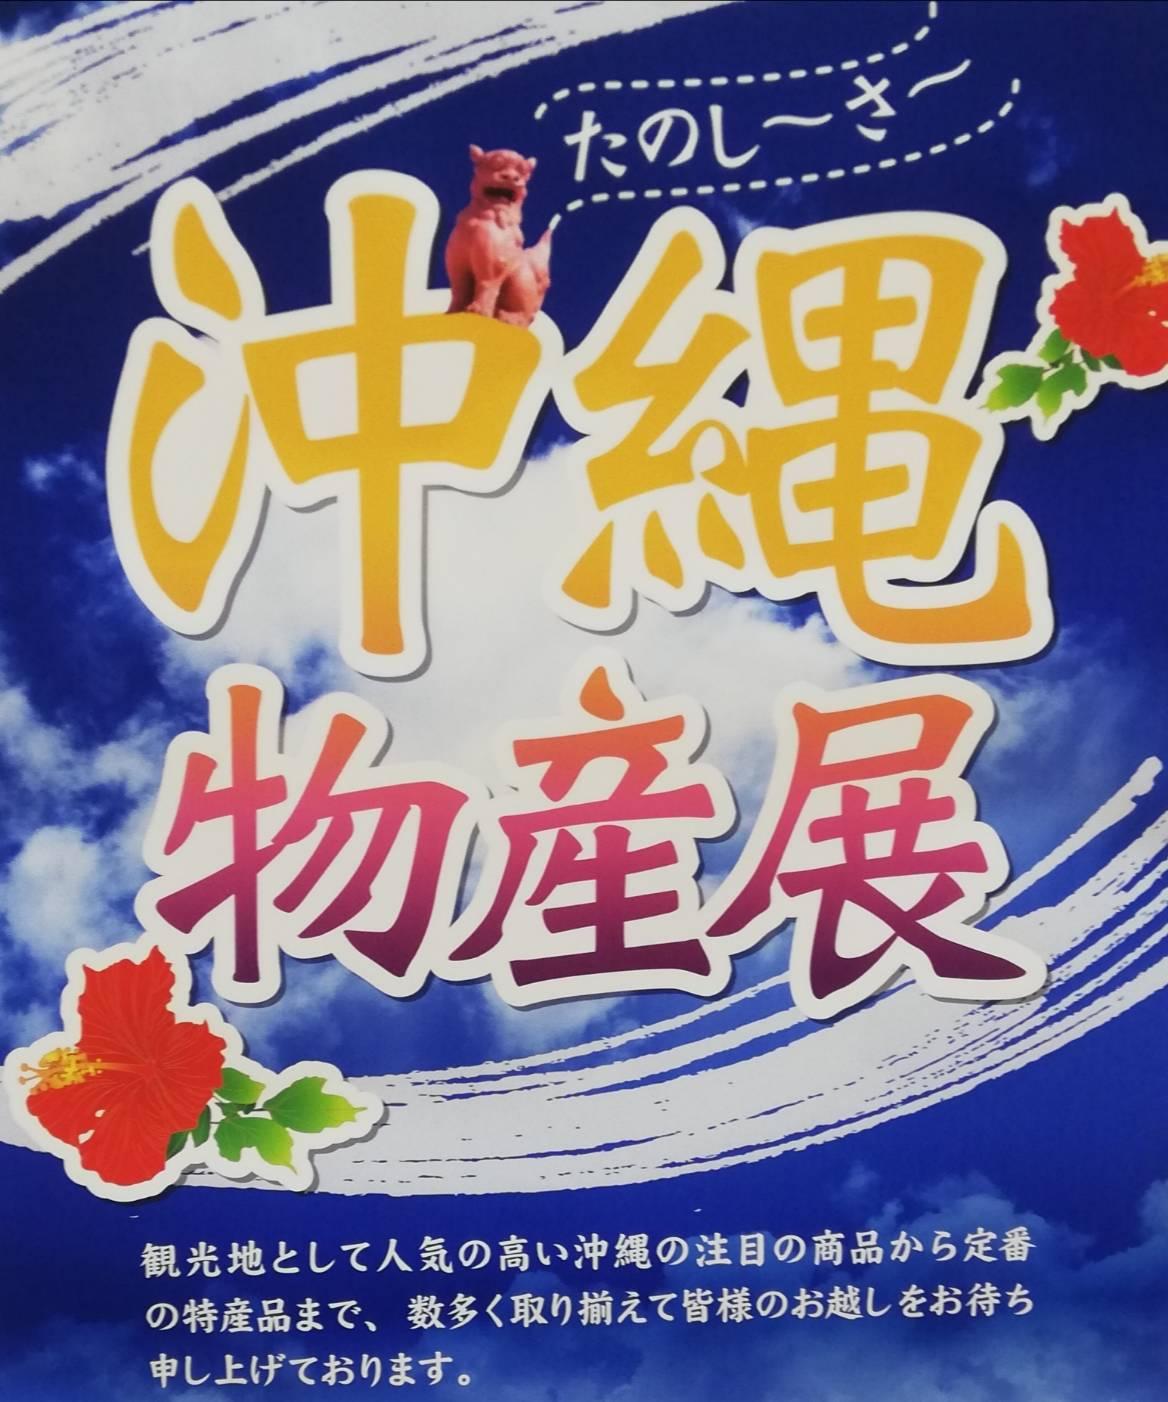 沖縄物産展アクロスモール新鎌ヶ谷